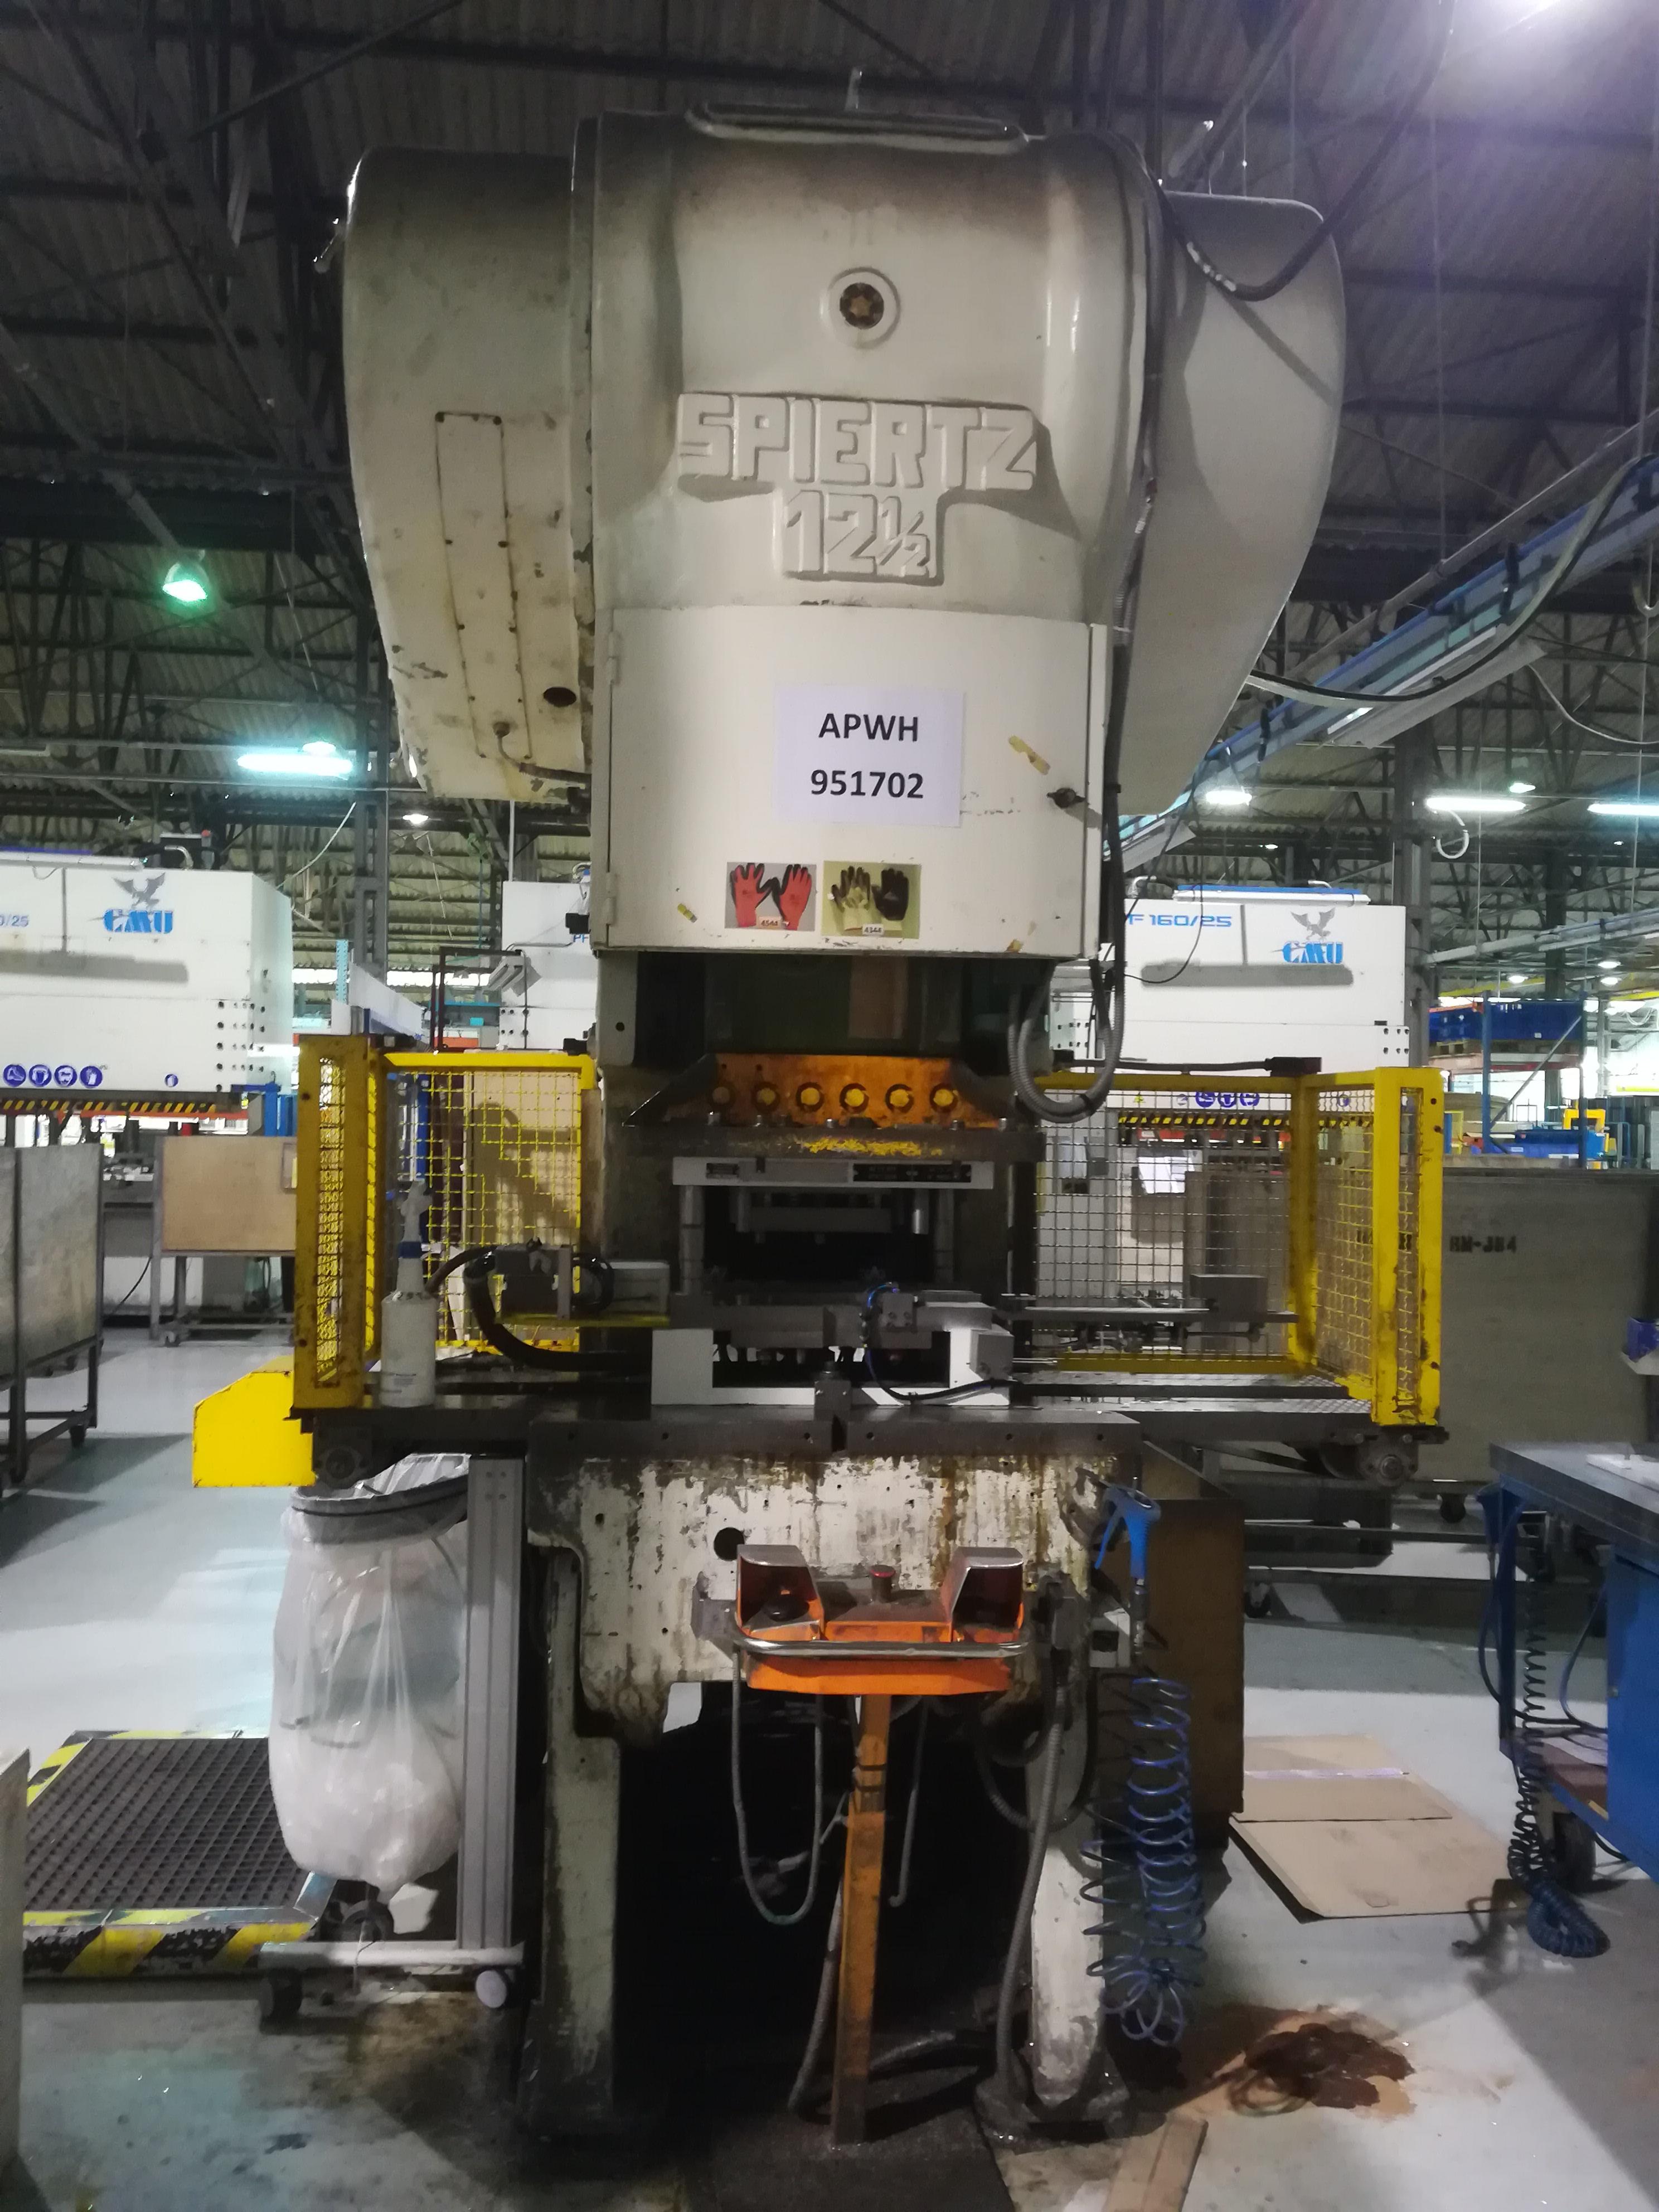 Spiertz 1250T Stamping press - Exapro